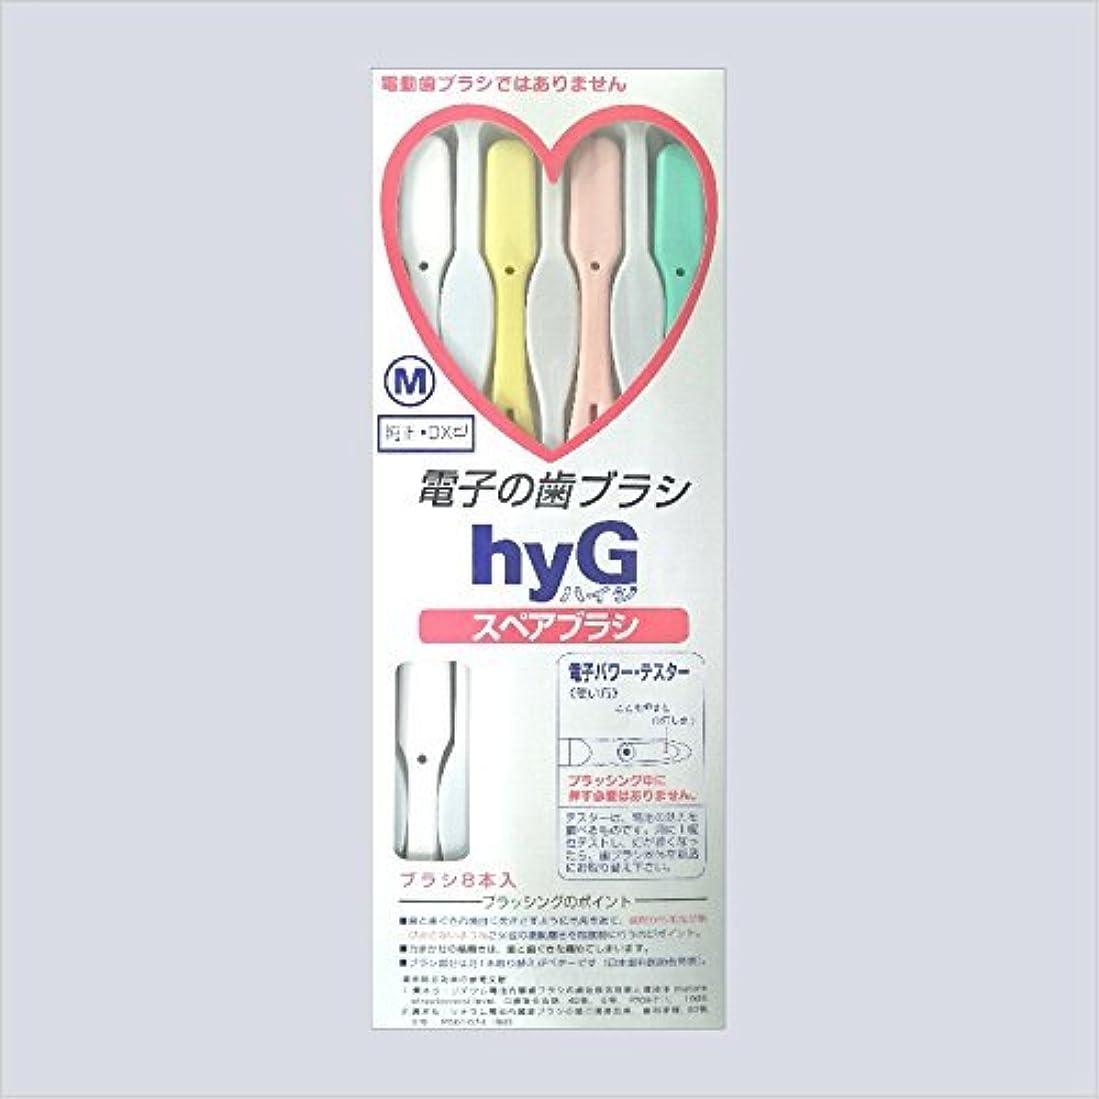 運ぶ差別ミスペンド電子の歯ブラシ ハイジ(hyG)?スペアブラシ <ブラシの硬さ:Hかため> (※こちらは「スペアブラシ」です )?hyG-DX型